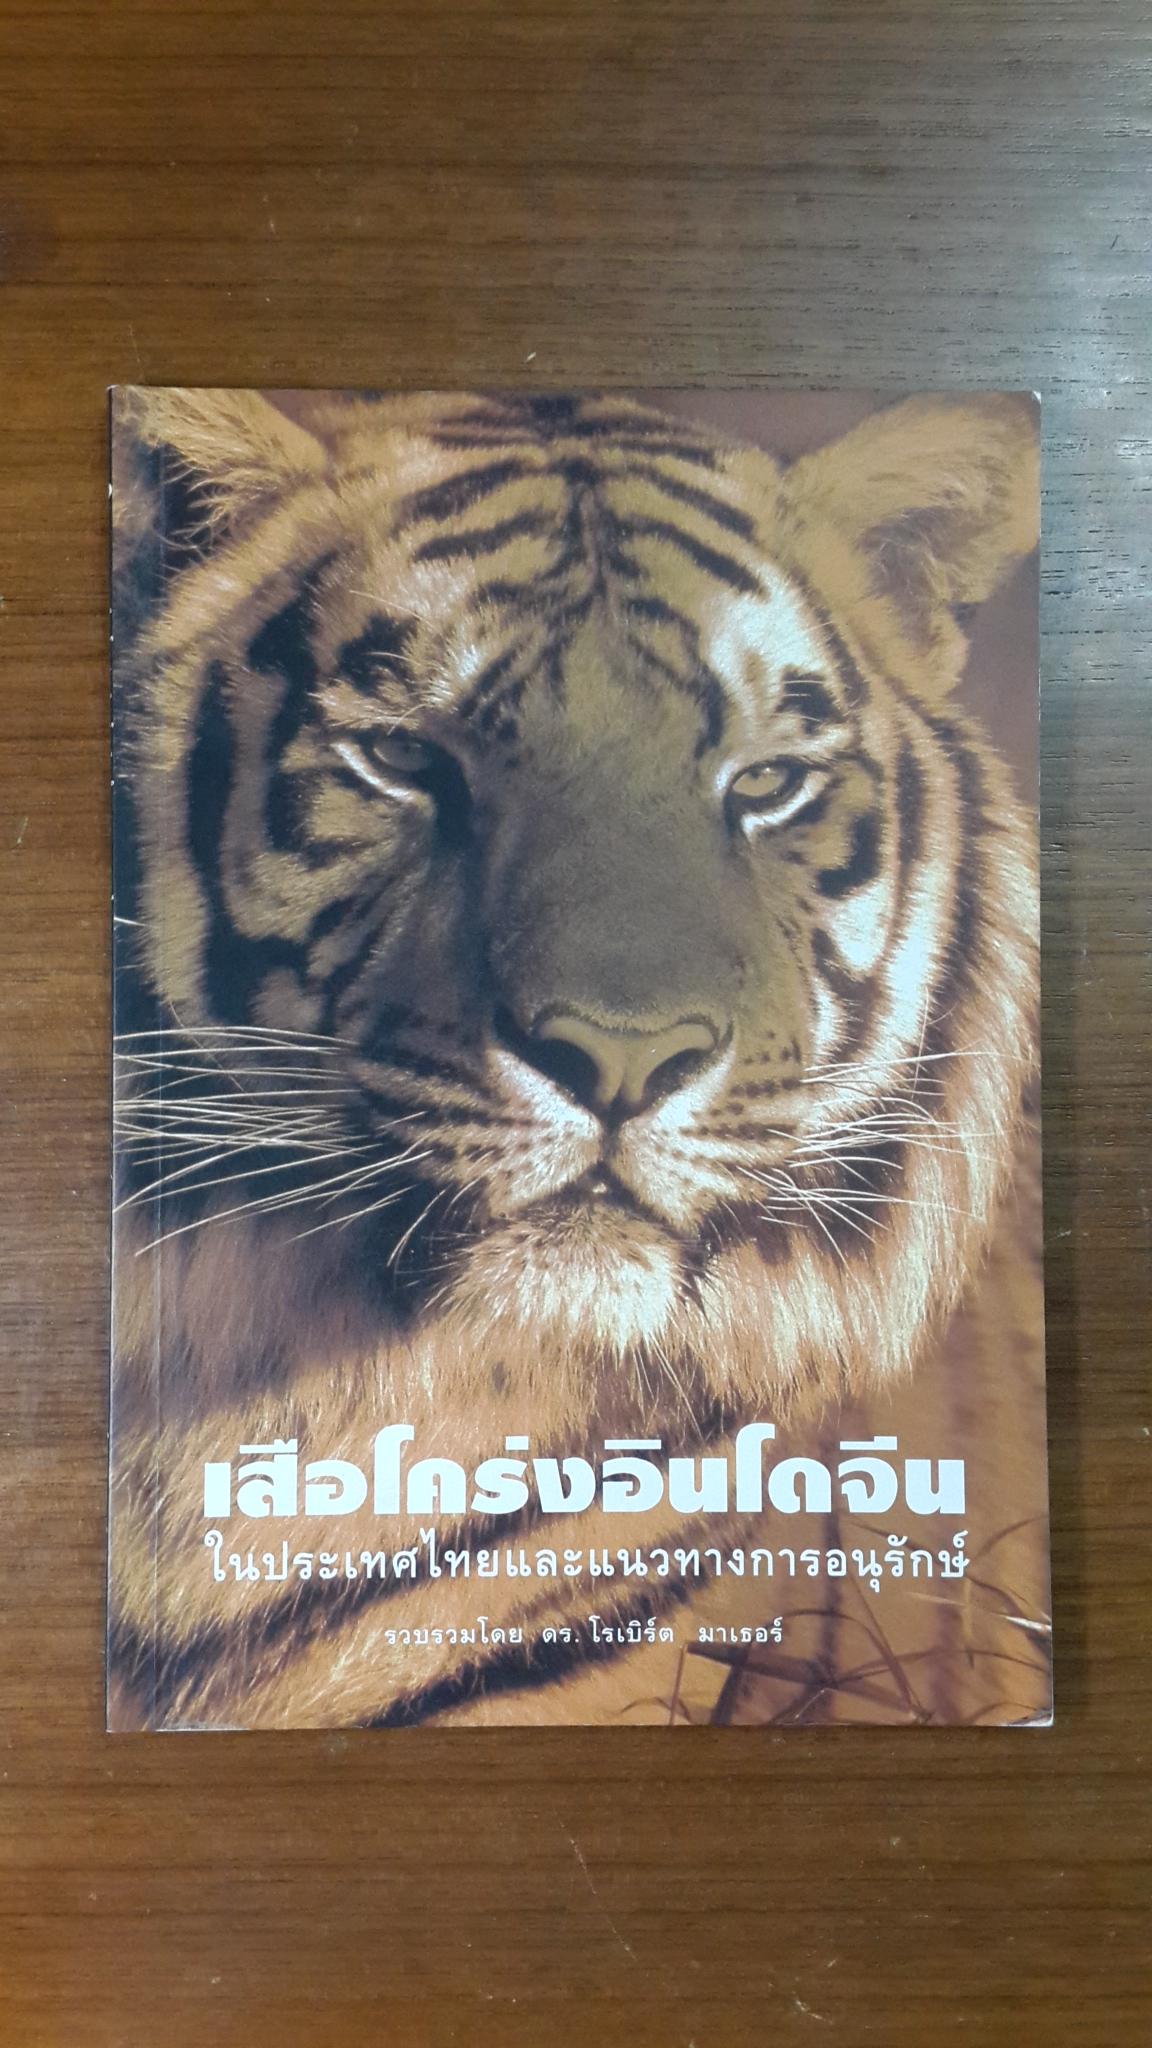 เสือโคร่งอินโดจีนในประเทศไทยและแนวทางการอนุรักษ์ / ดร.โรเบิร์ต มาเธอร์